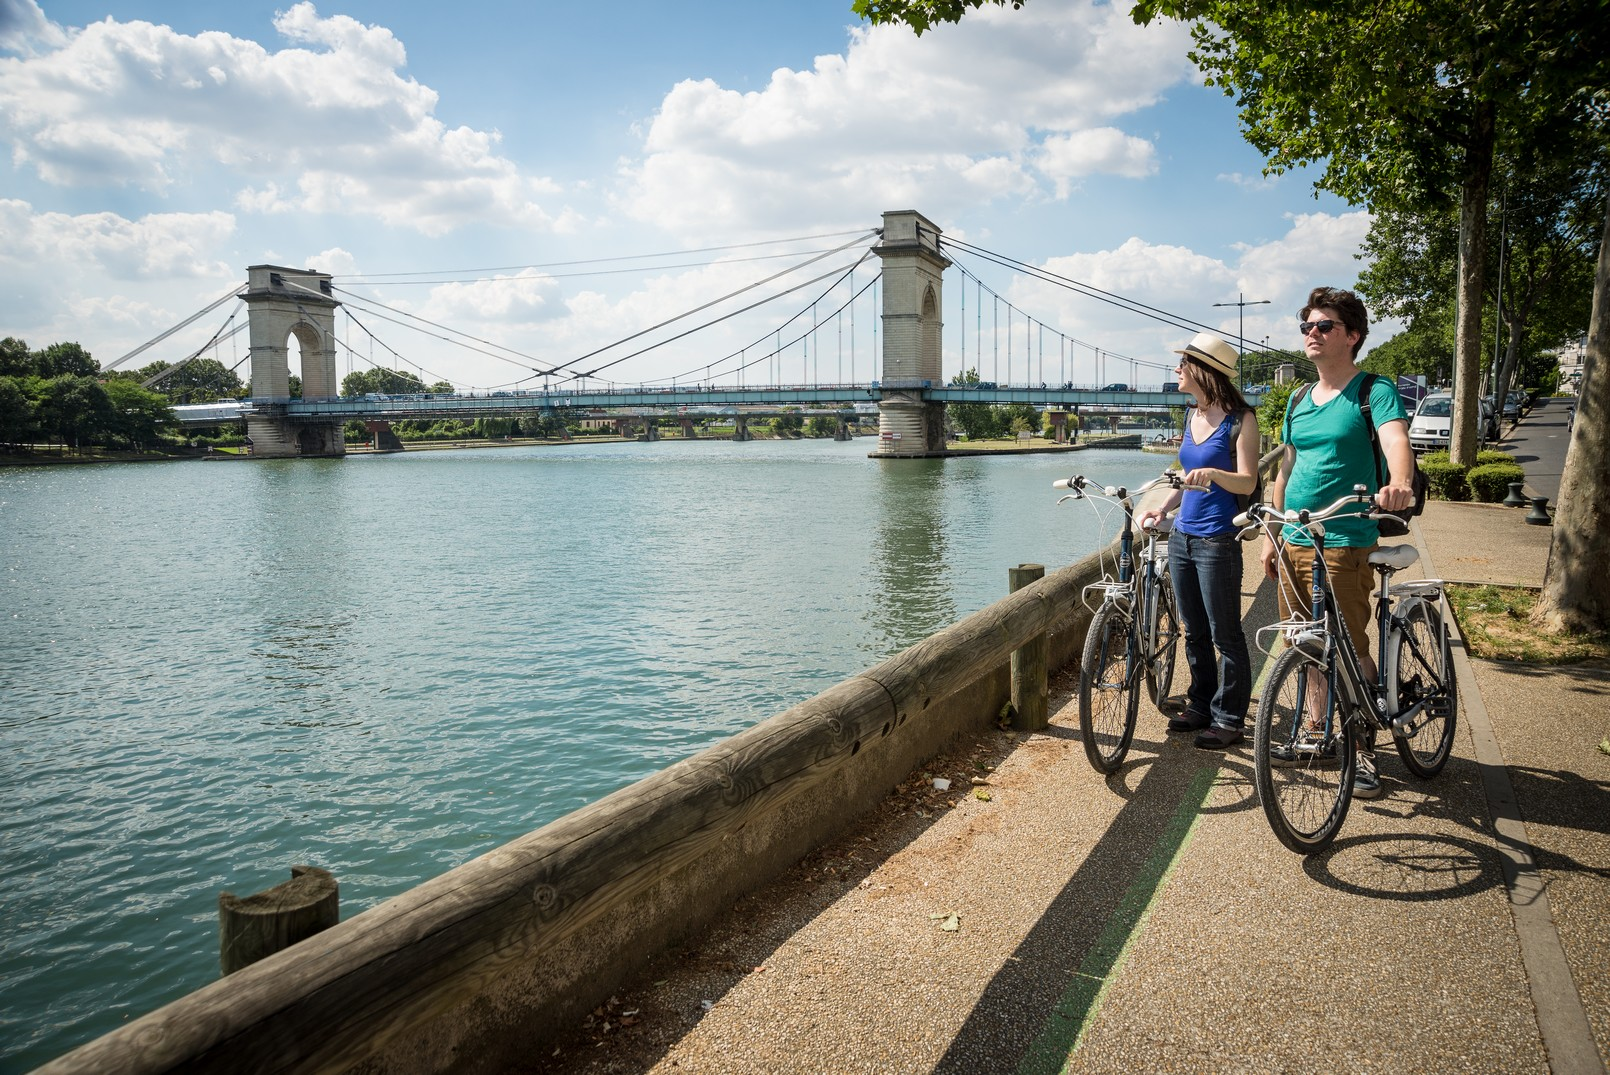 Randonnée bords de Seine à vélo